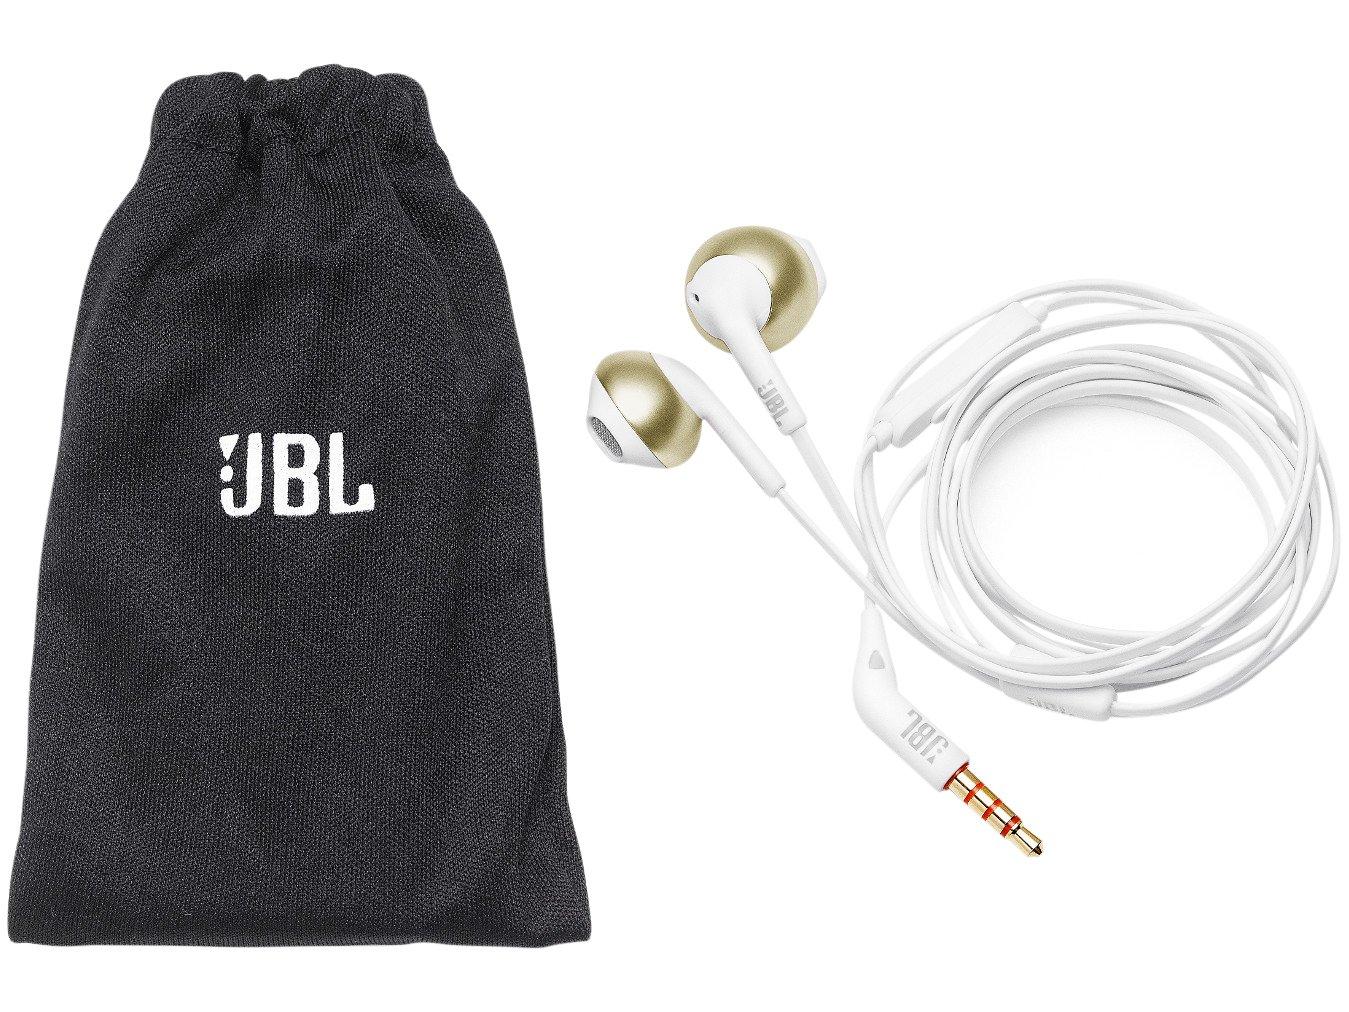 Fone JBL Intraulicular T205 - 1